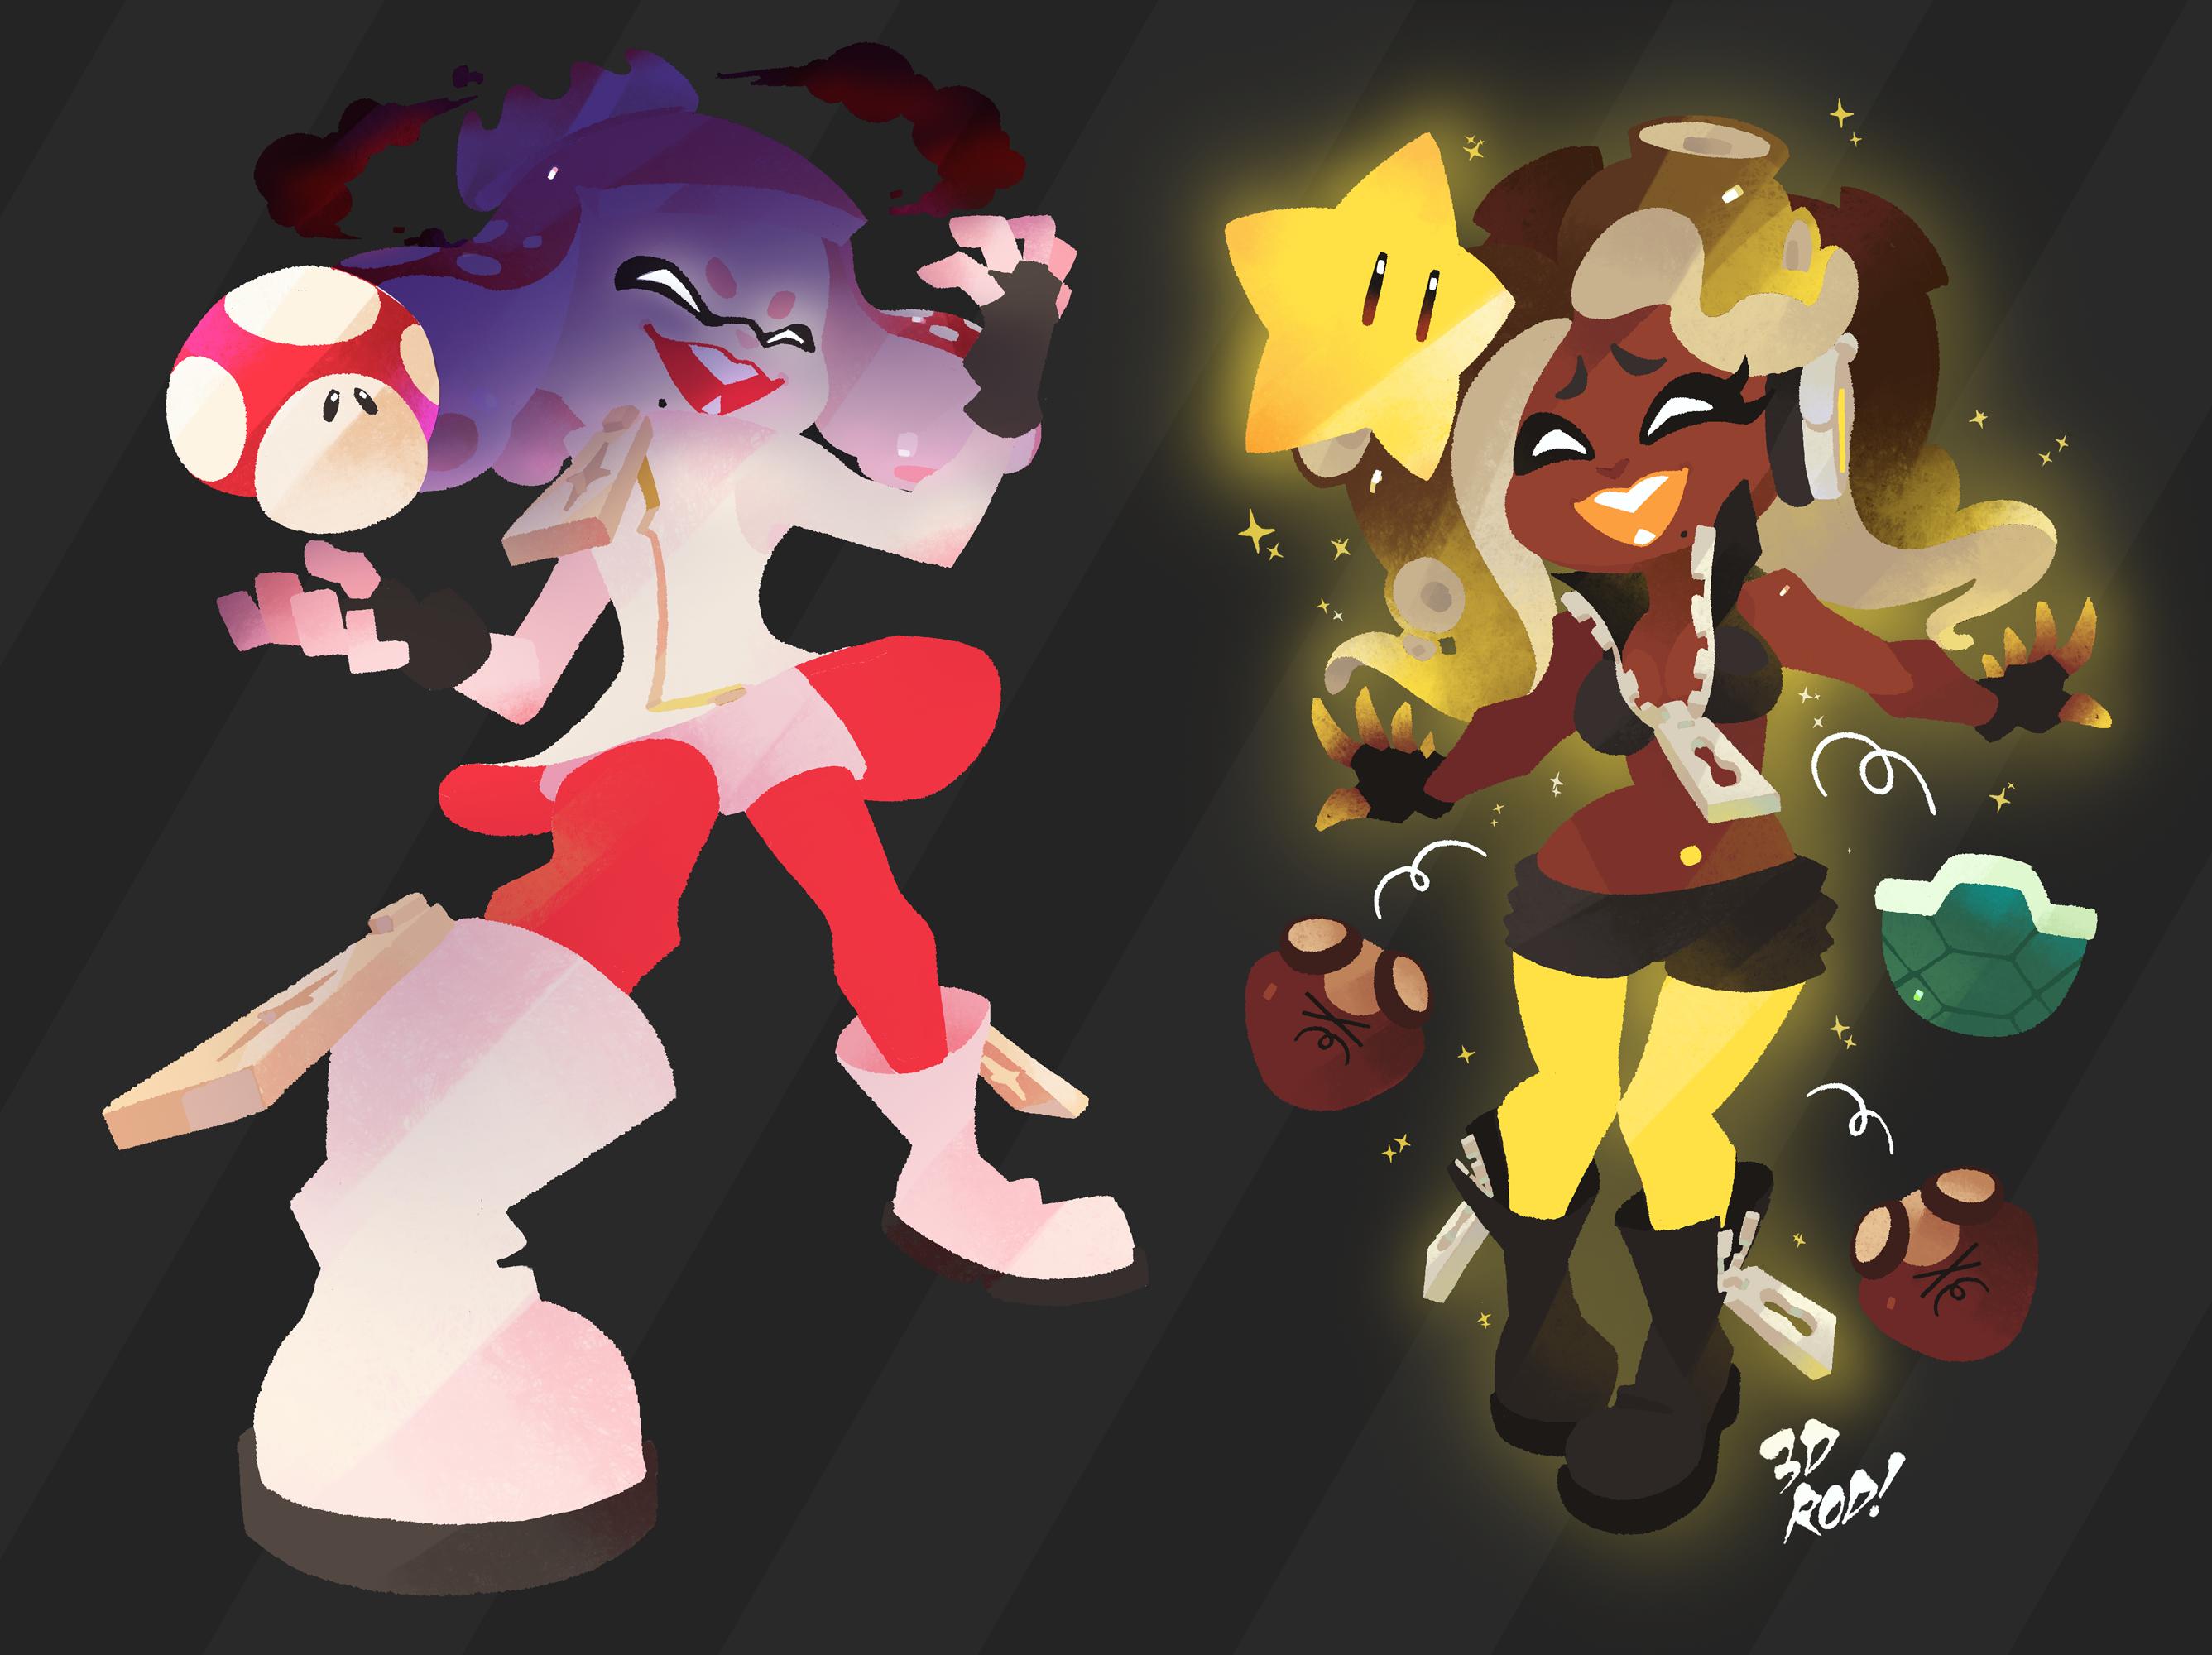 Super Mushroom vs Super Star!